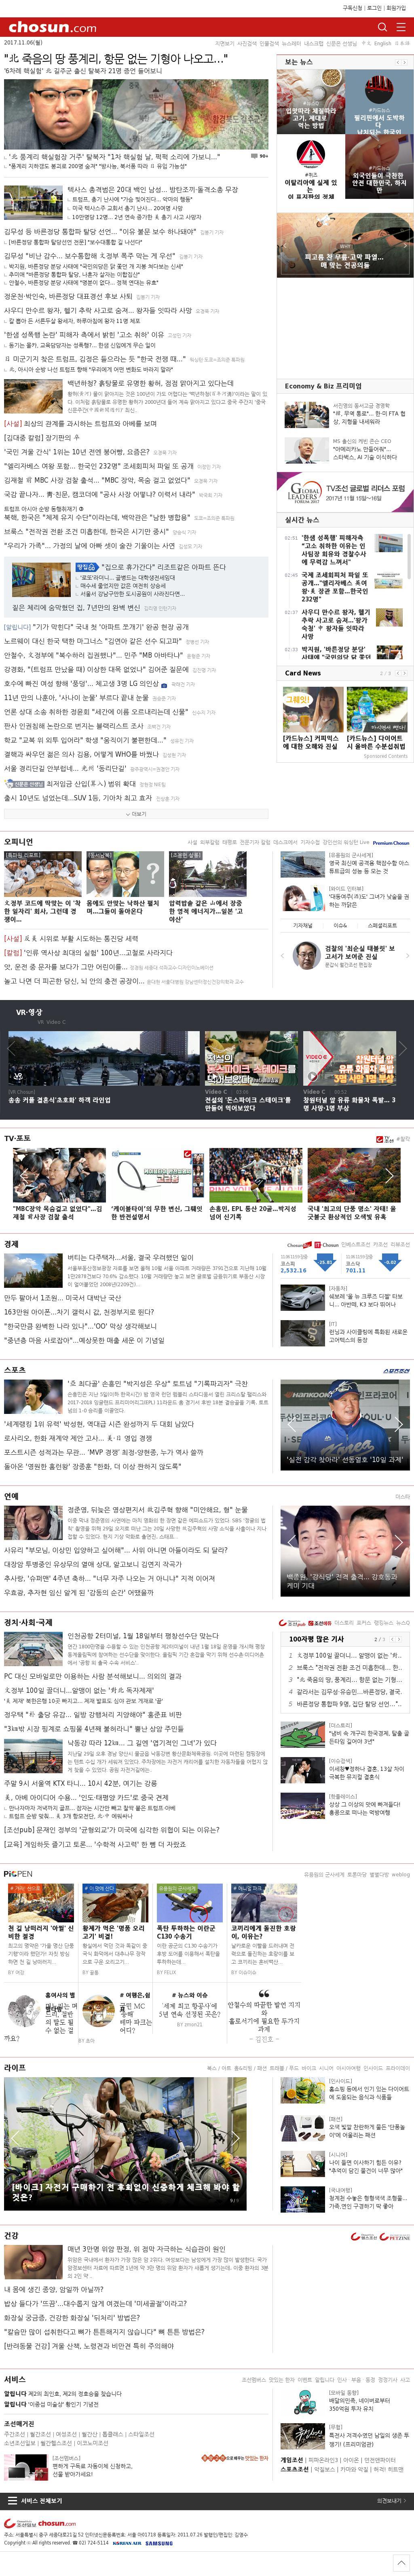 chosun.com at Monday Nov. 6, 2017, 3:01 a.m. UTC